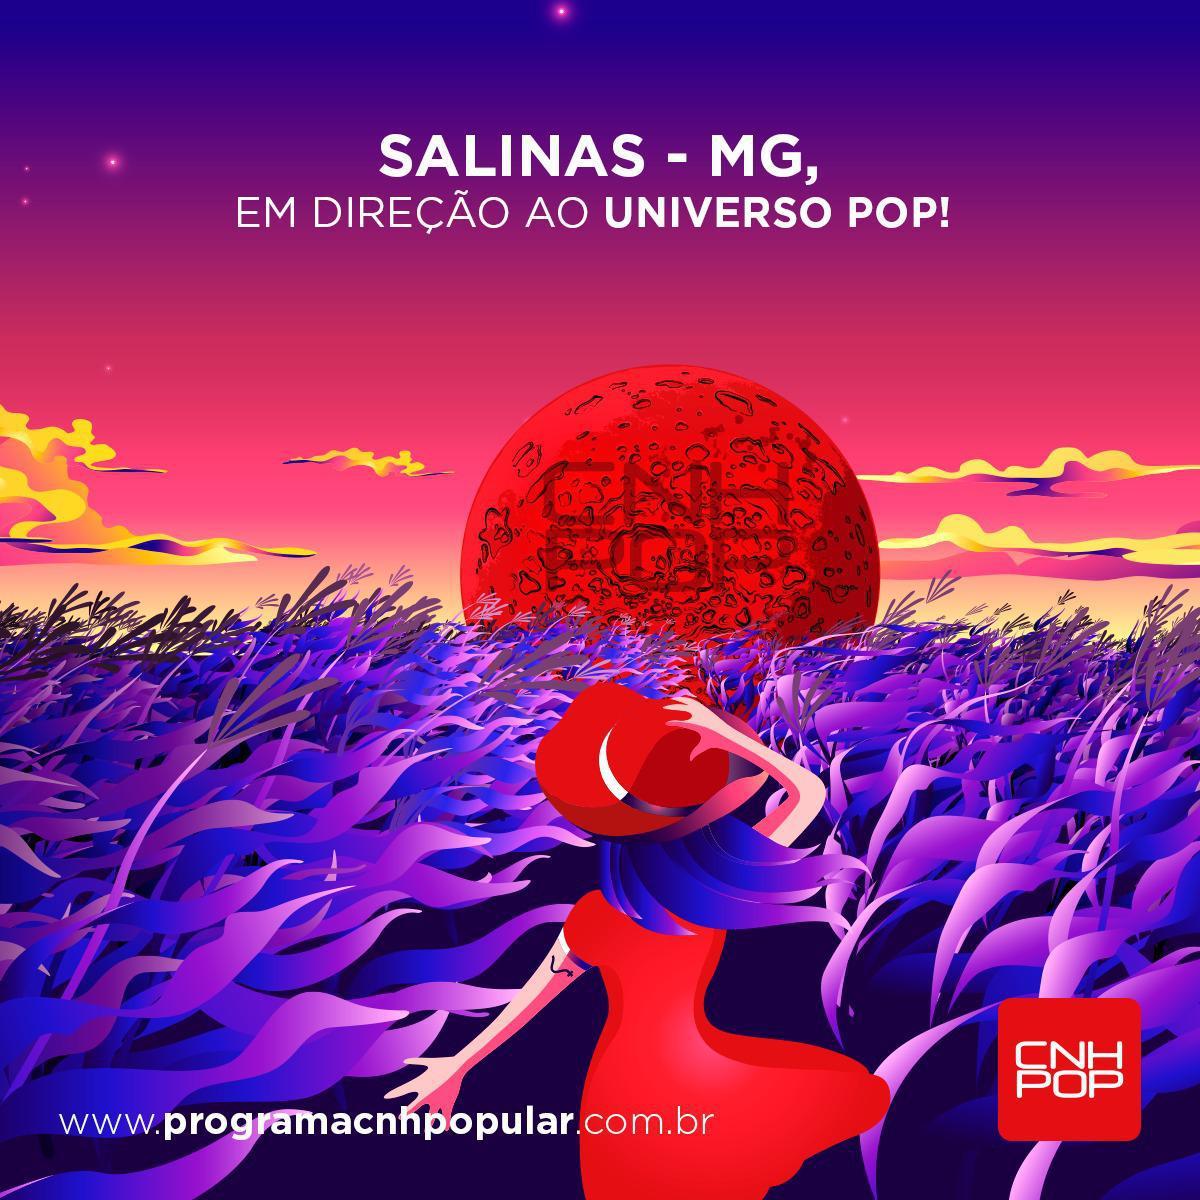 SALINAS, BEM-VINDOS AO UNIVERSO POP! ⠀⠀⠀⠀